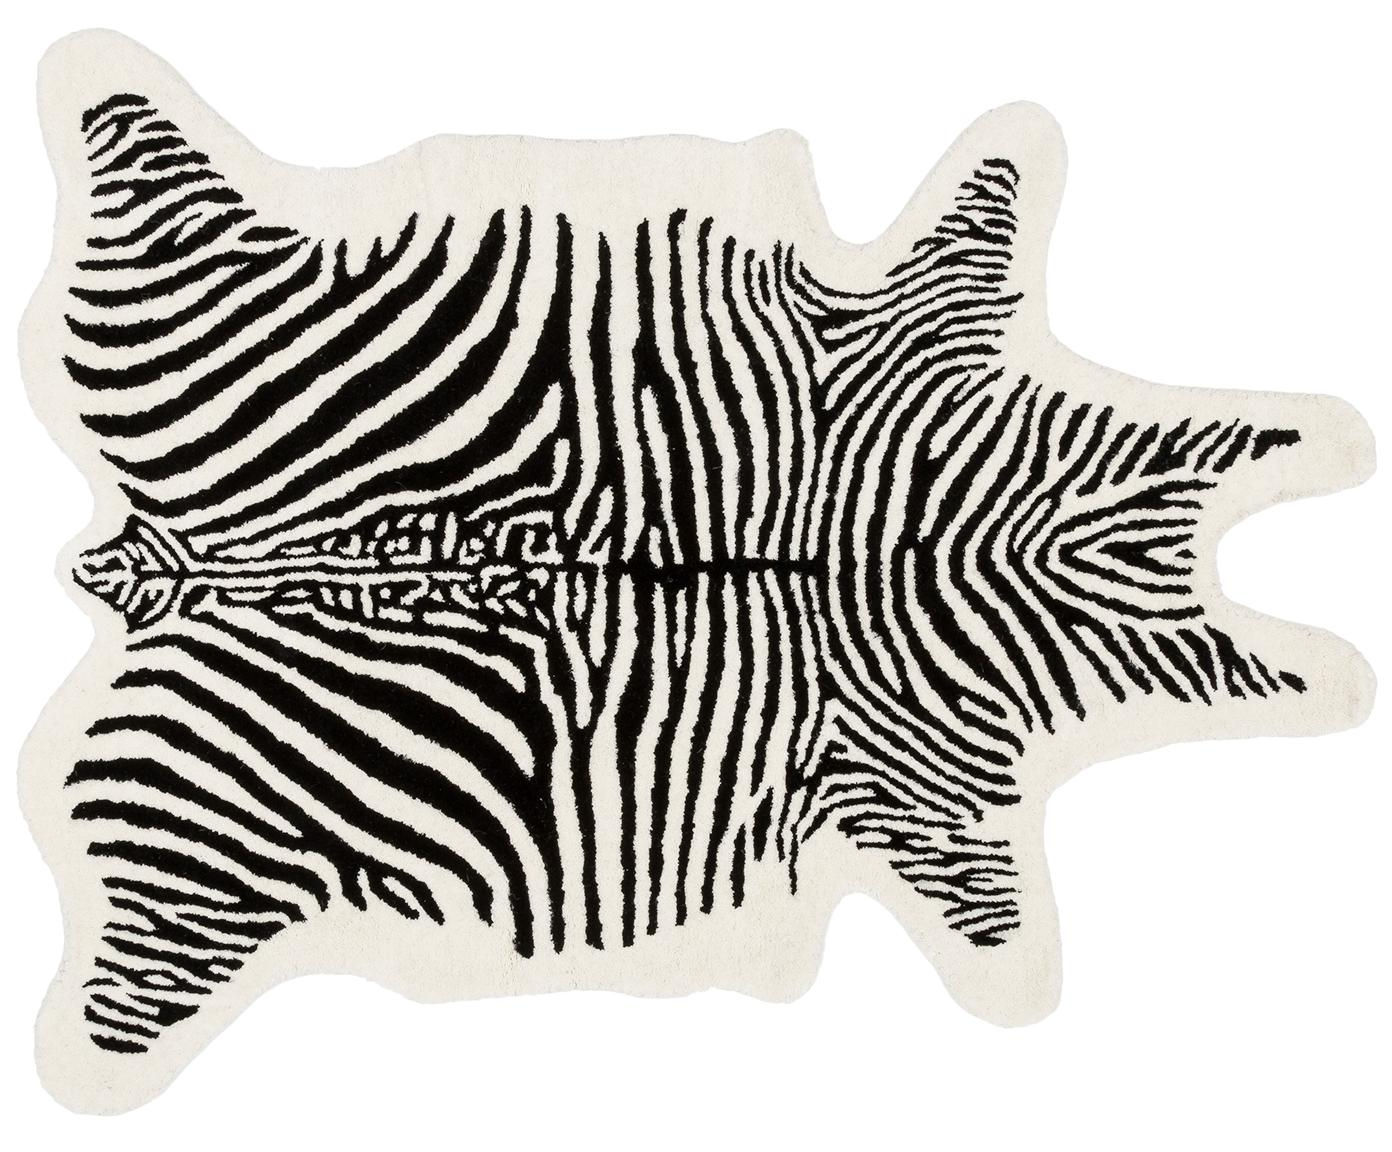 Handgetuft wollen vloerkleed Savanna, Bovenzijde: 100% wol, Onderzijde: 100% katoen, Zwart, crèmekleurig, 95 x 120 cm